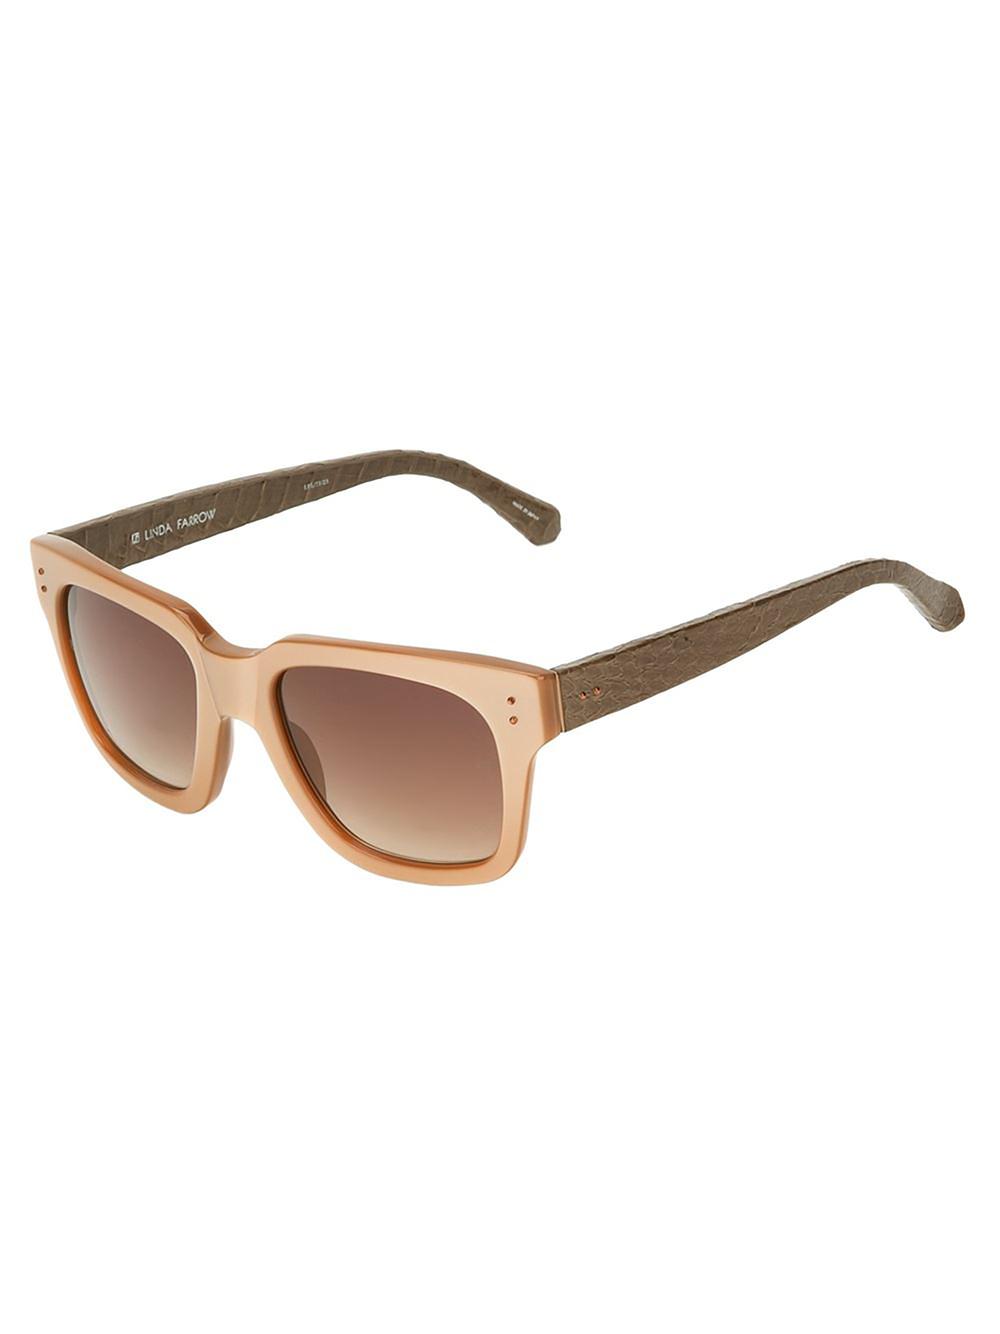 oculos linda farrow R$ 2990,00 farfetch.com.br, (11) 3958-8695.jpg